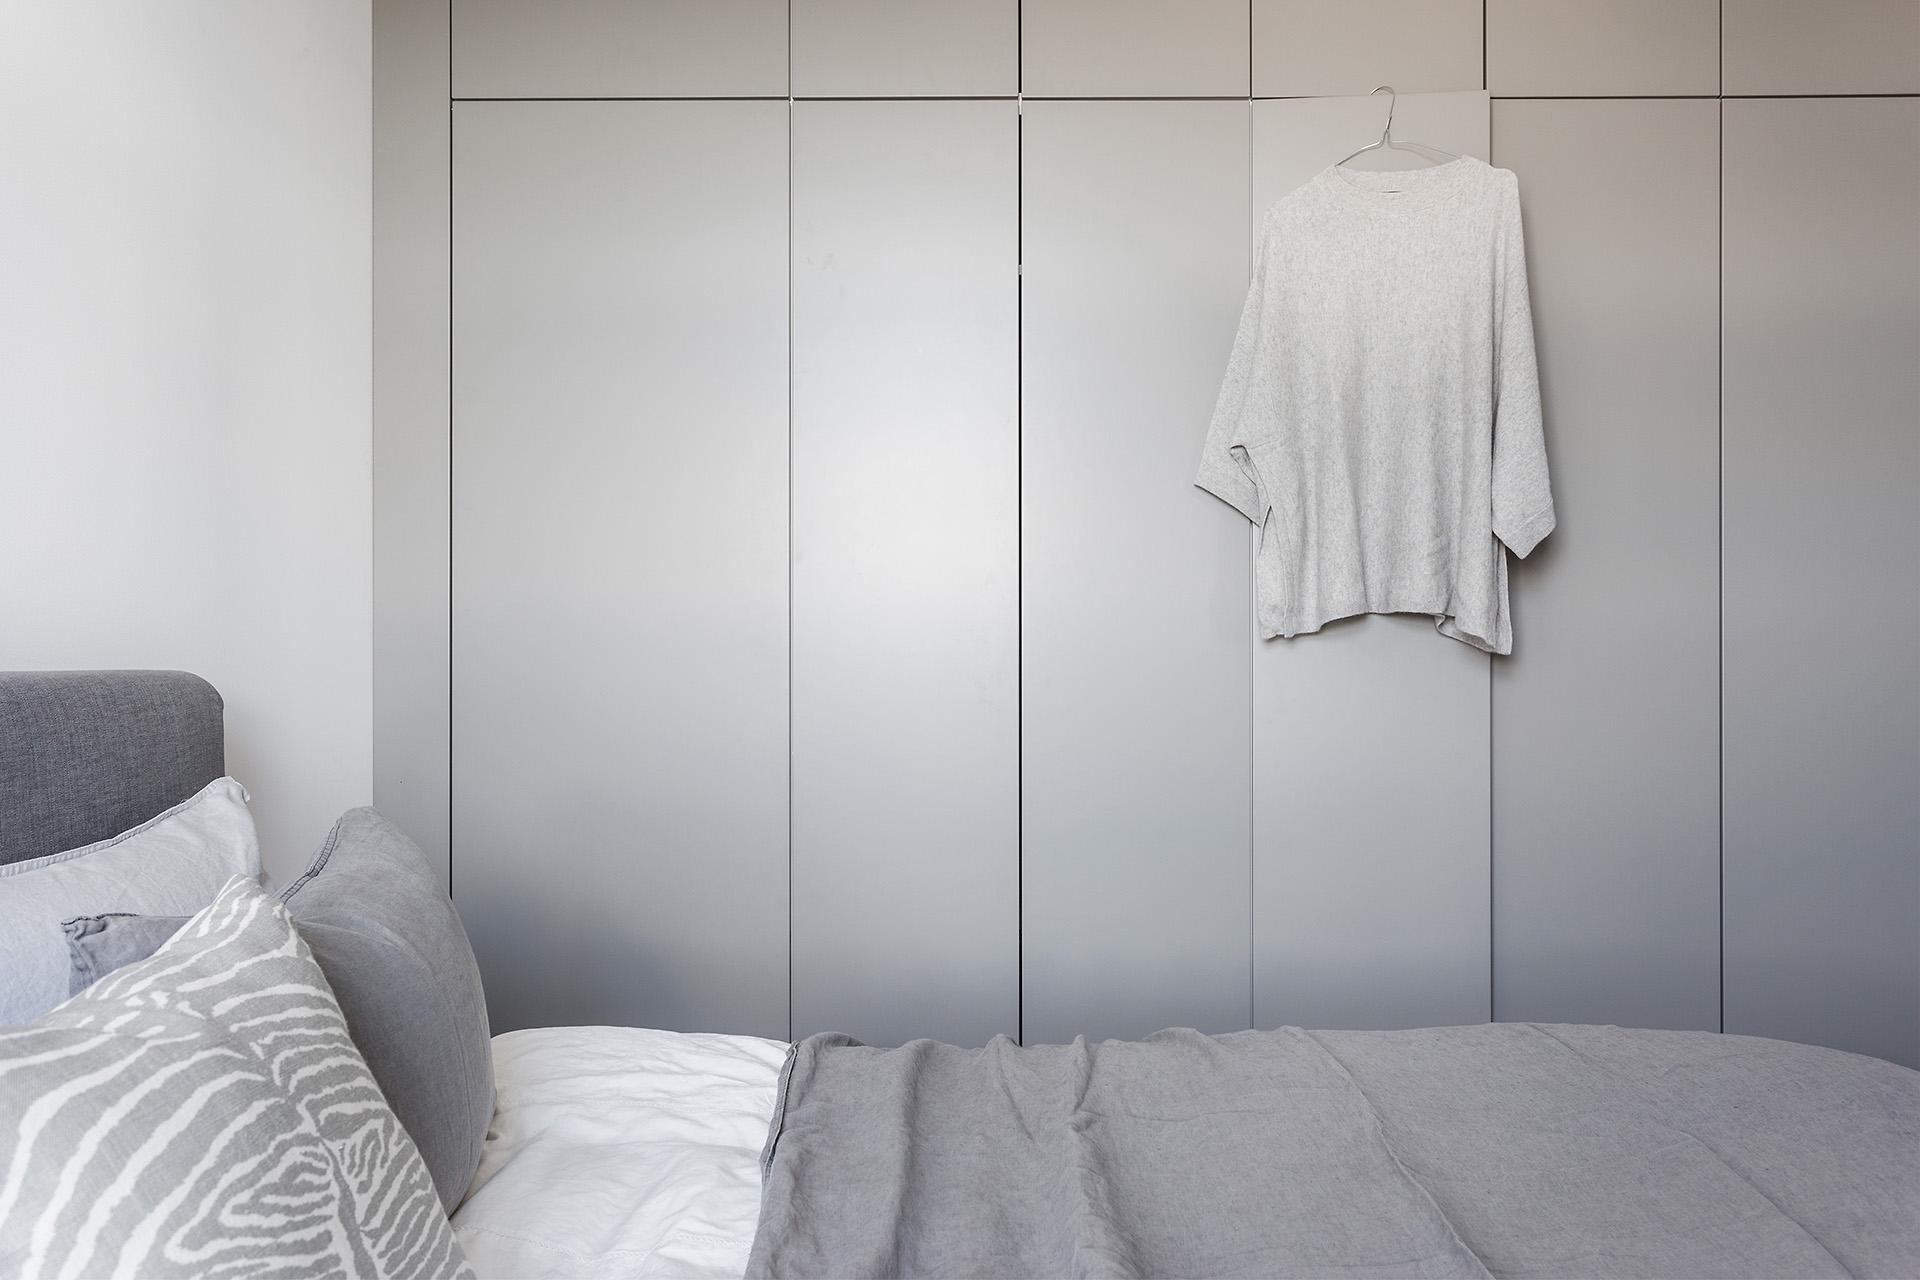 Inloopkast Van Kvik : Slaapkamer zonder ramen slaapkamer zonder raam met inloopkast dekor